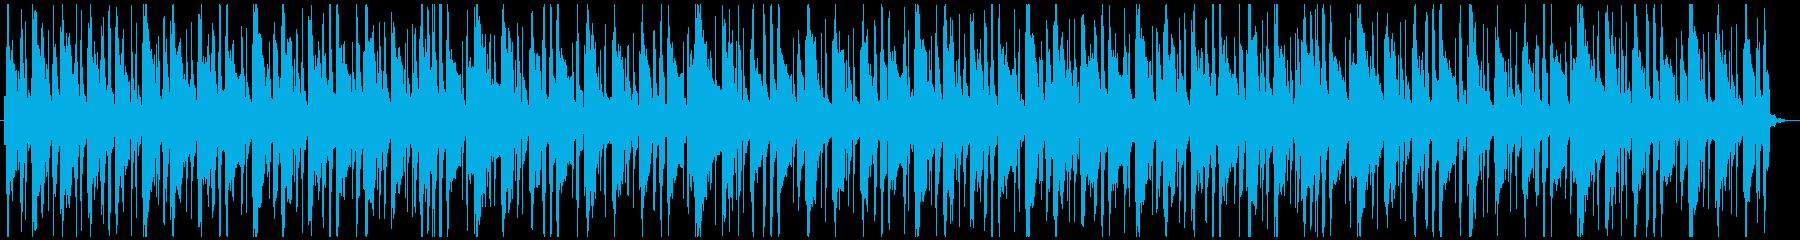 マリンバを使った爽やかなBGMですの再生済みの波形